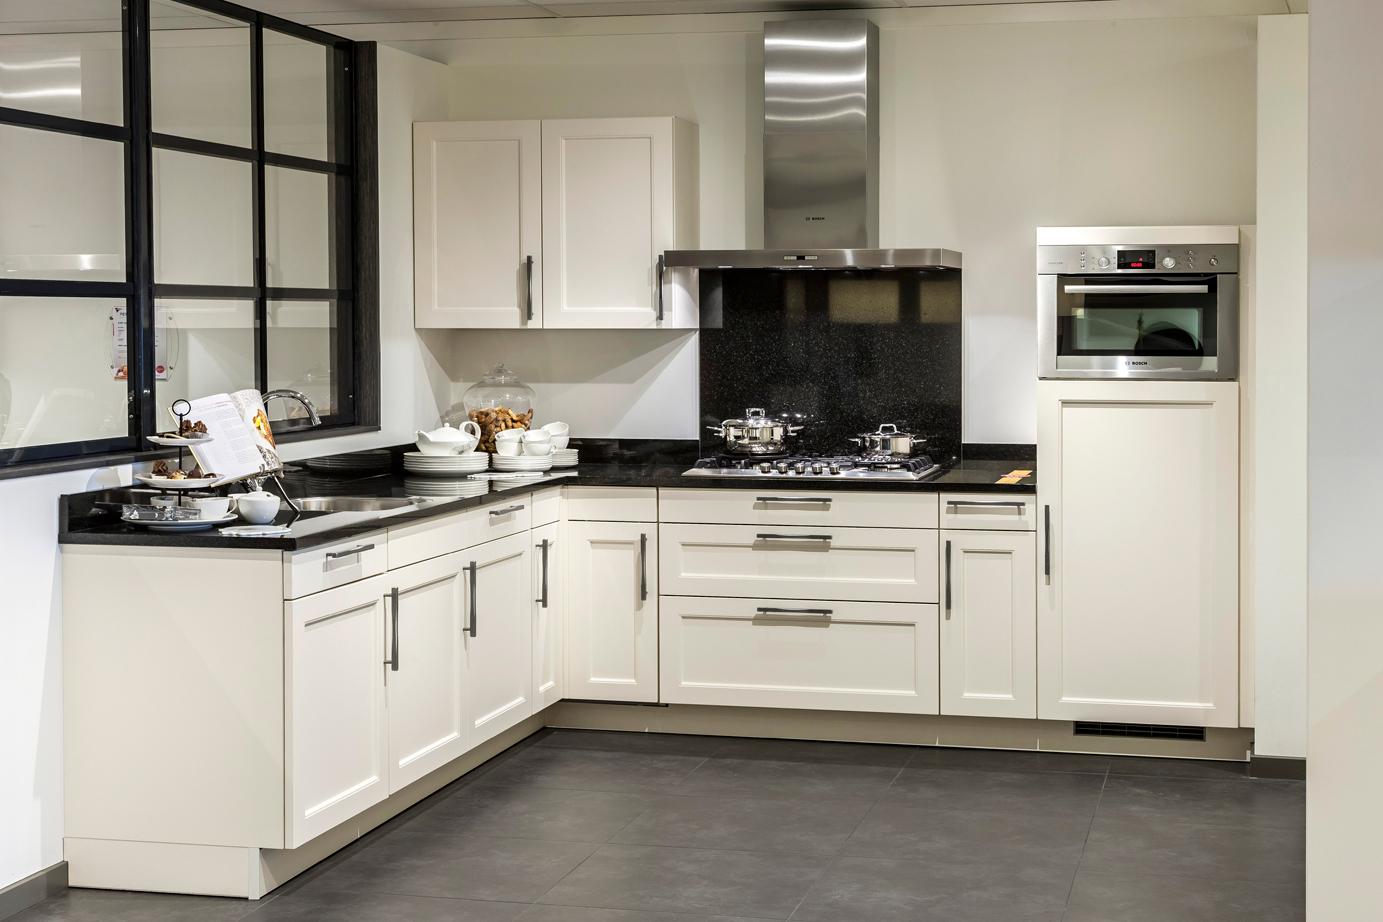 Keukens En Prijs : Keukens Dronten Lage prijs bij Arma in Nunspeet DB Keukens